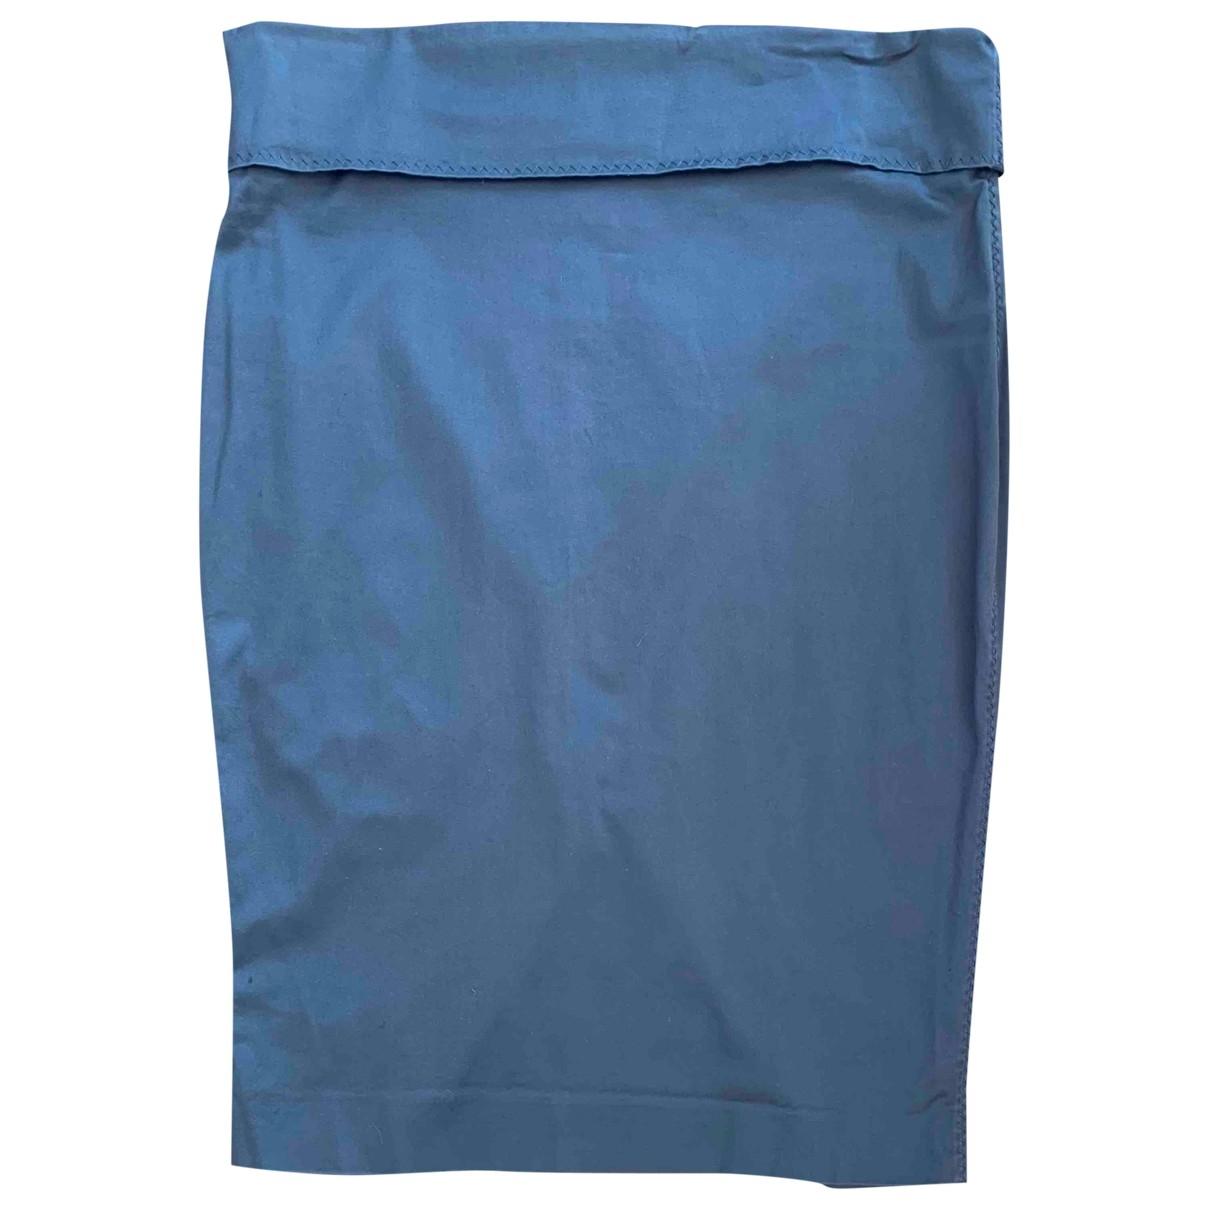 Gucci \N Khaki Cotton skirt for Women 40 IT